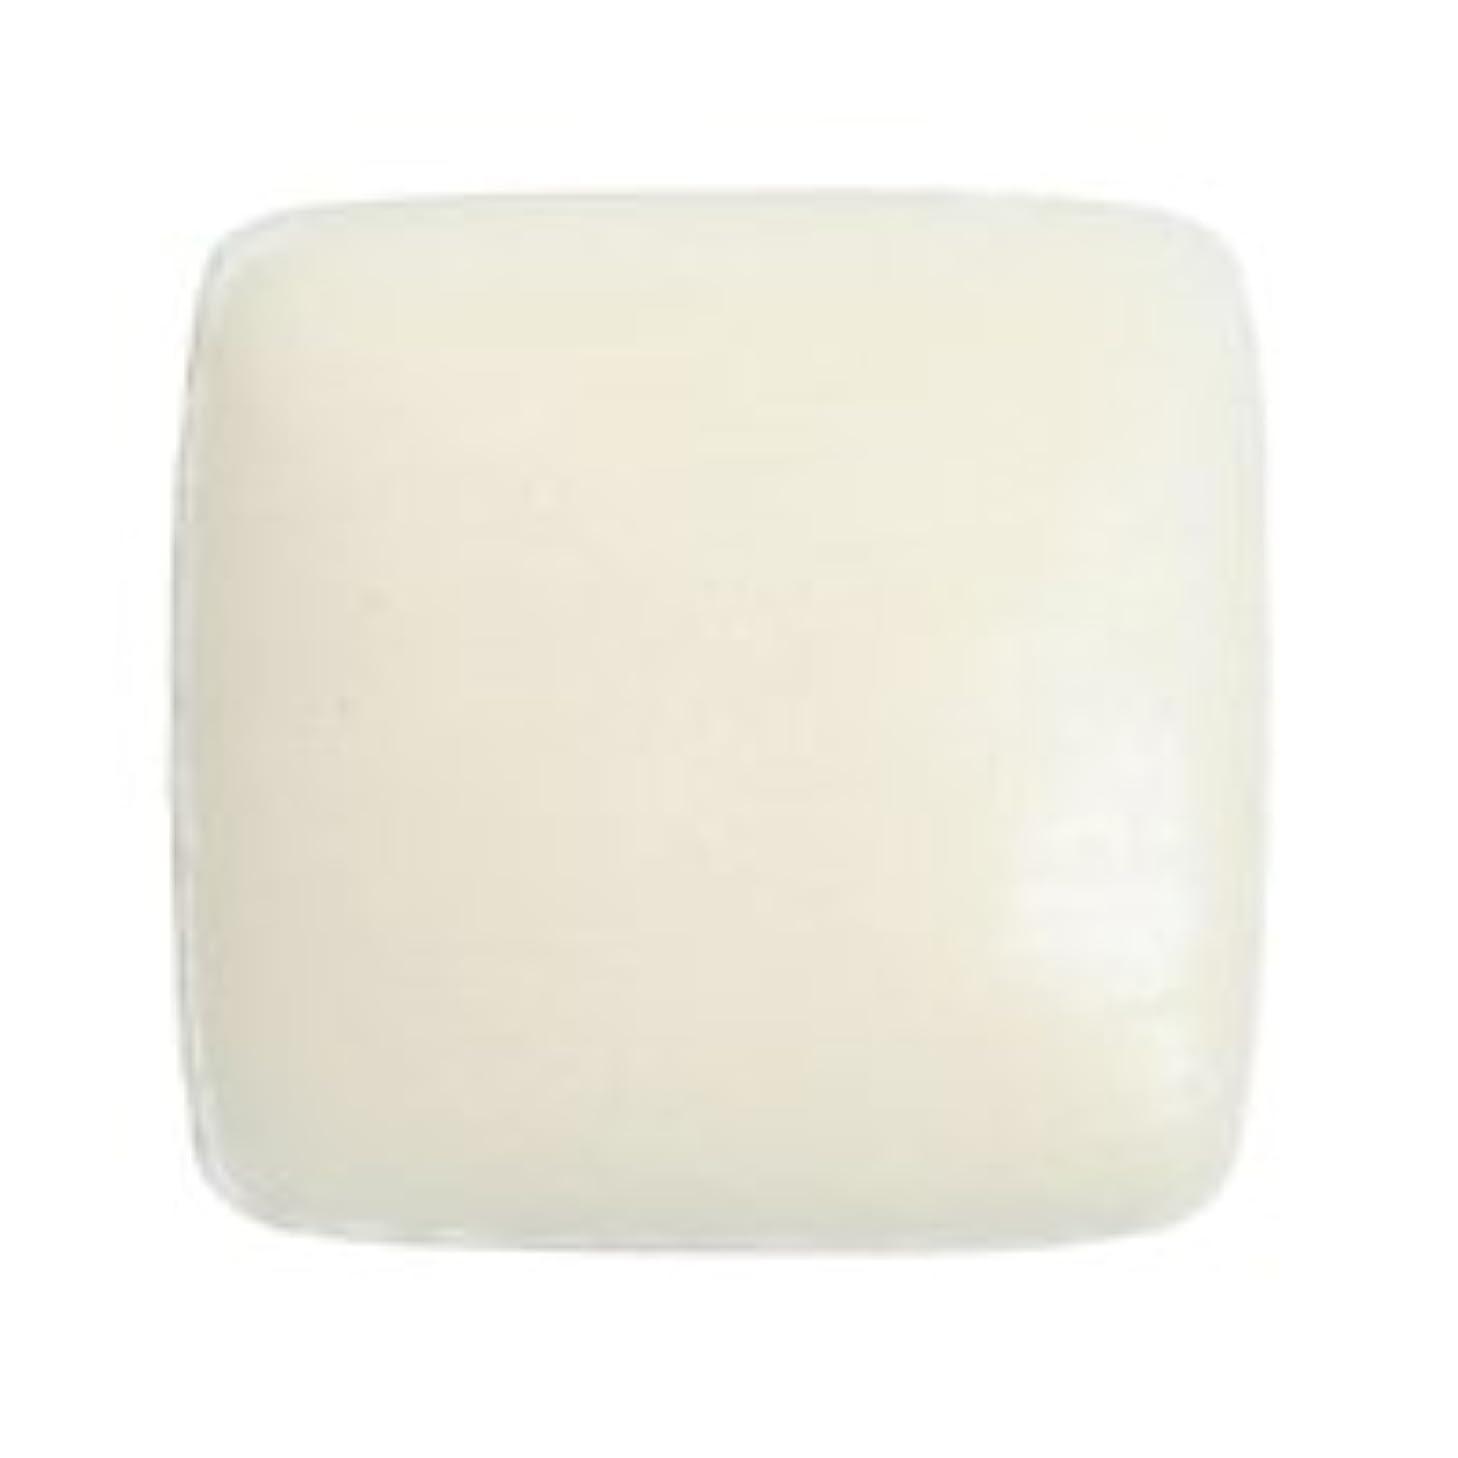 レース特許追放ドクターY ホワイトクレイソープ80g 固形石鹸